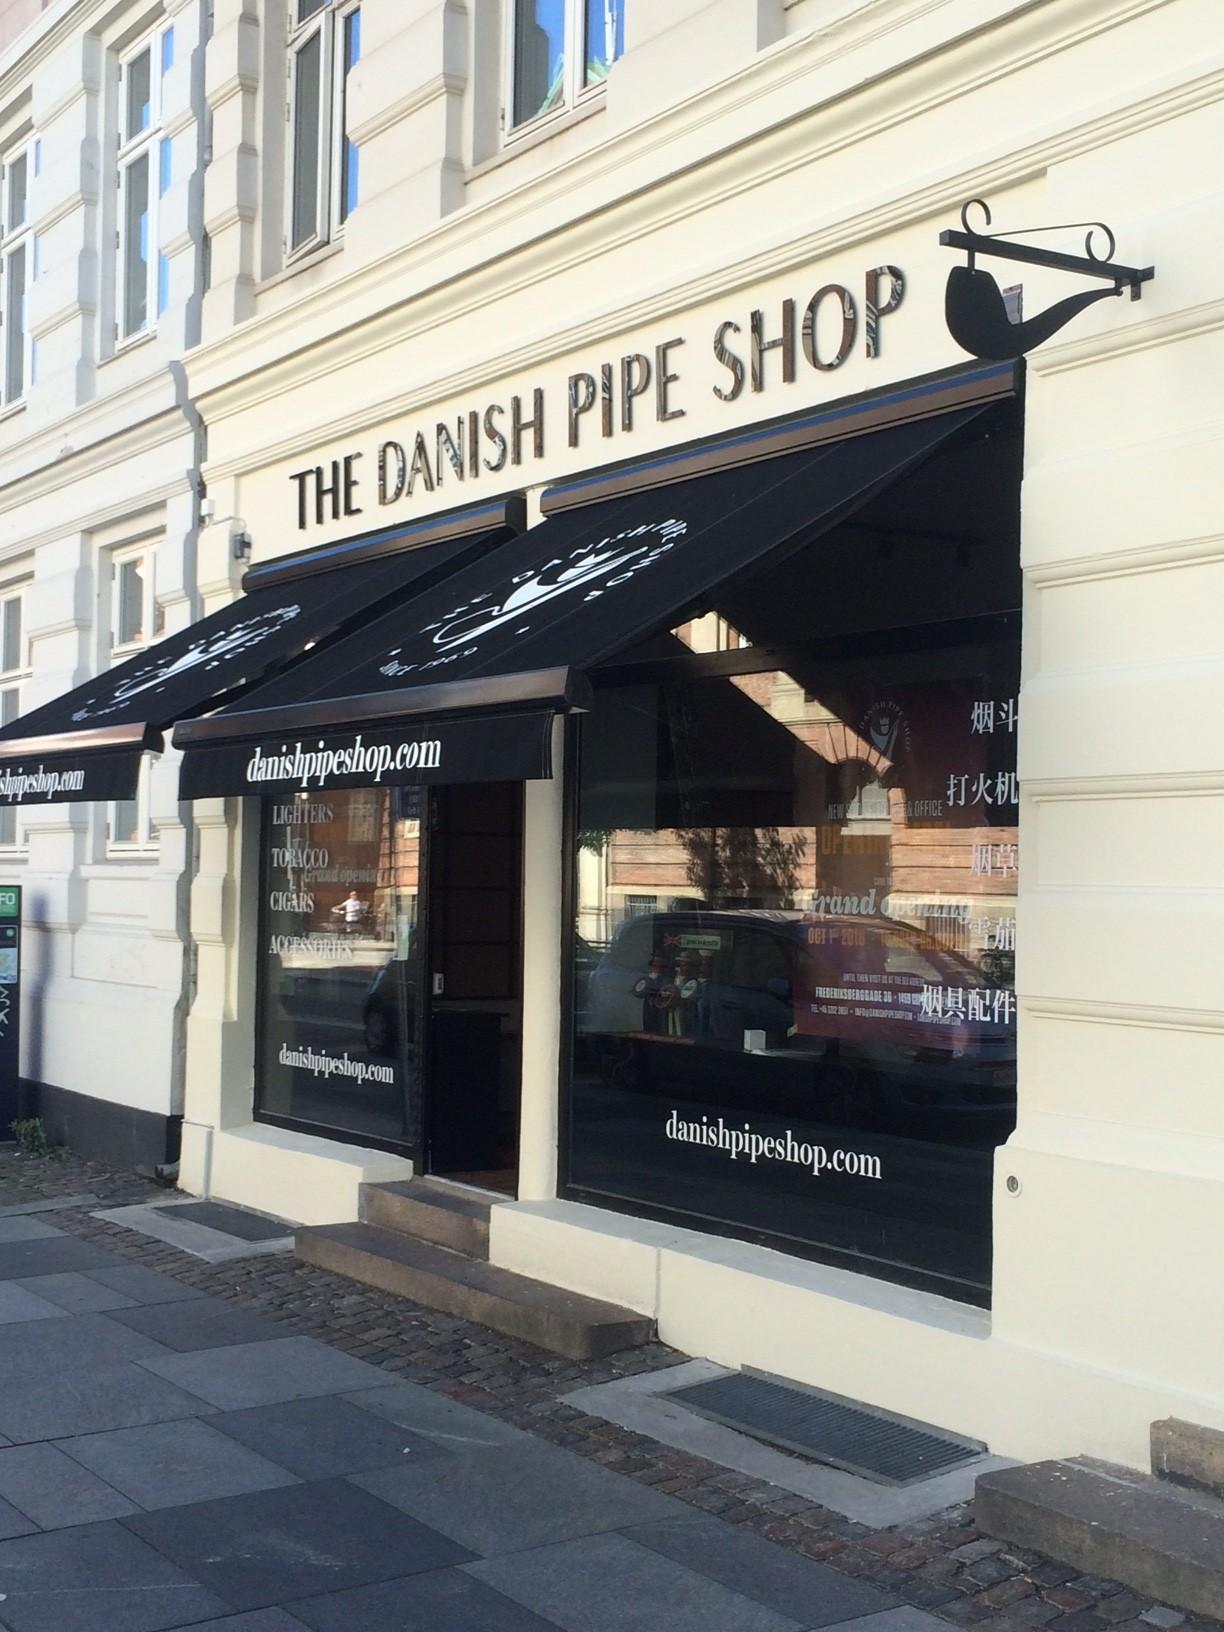 Historisk pibebutik forlader Strøget